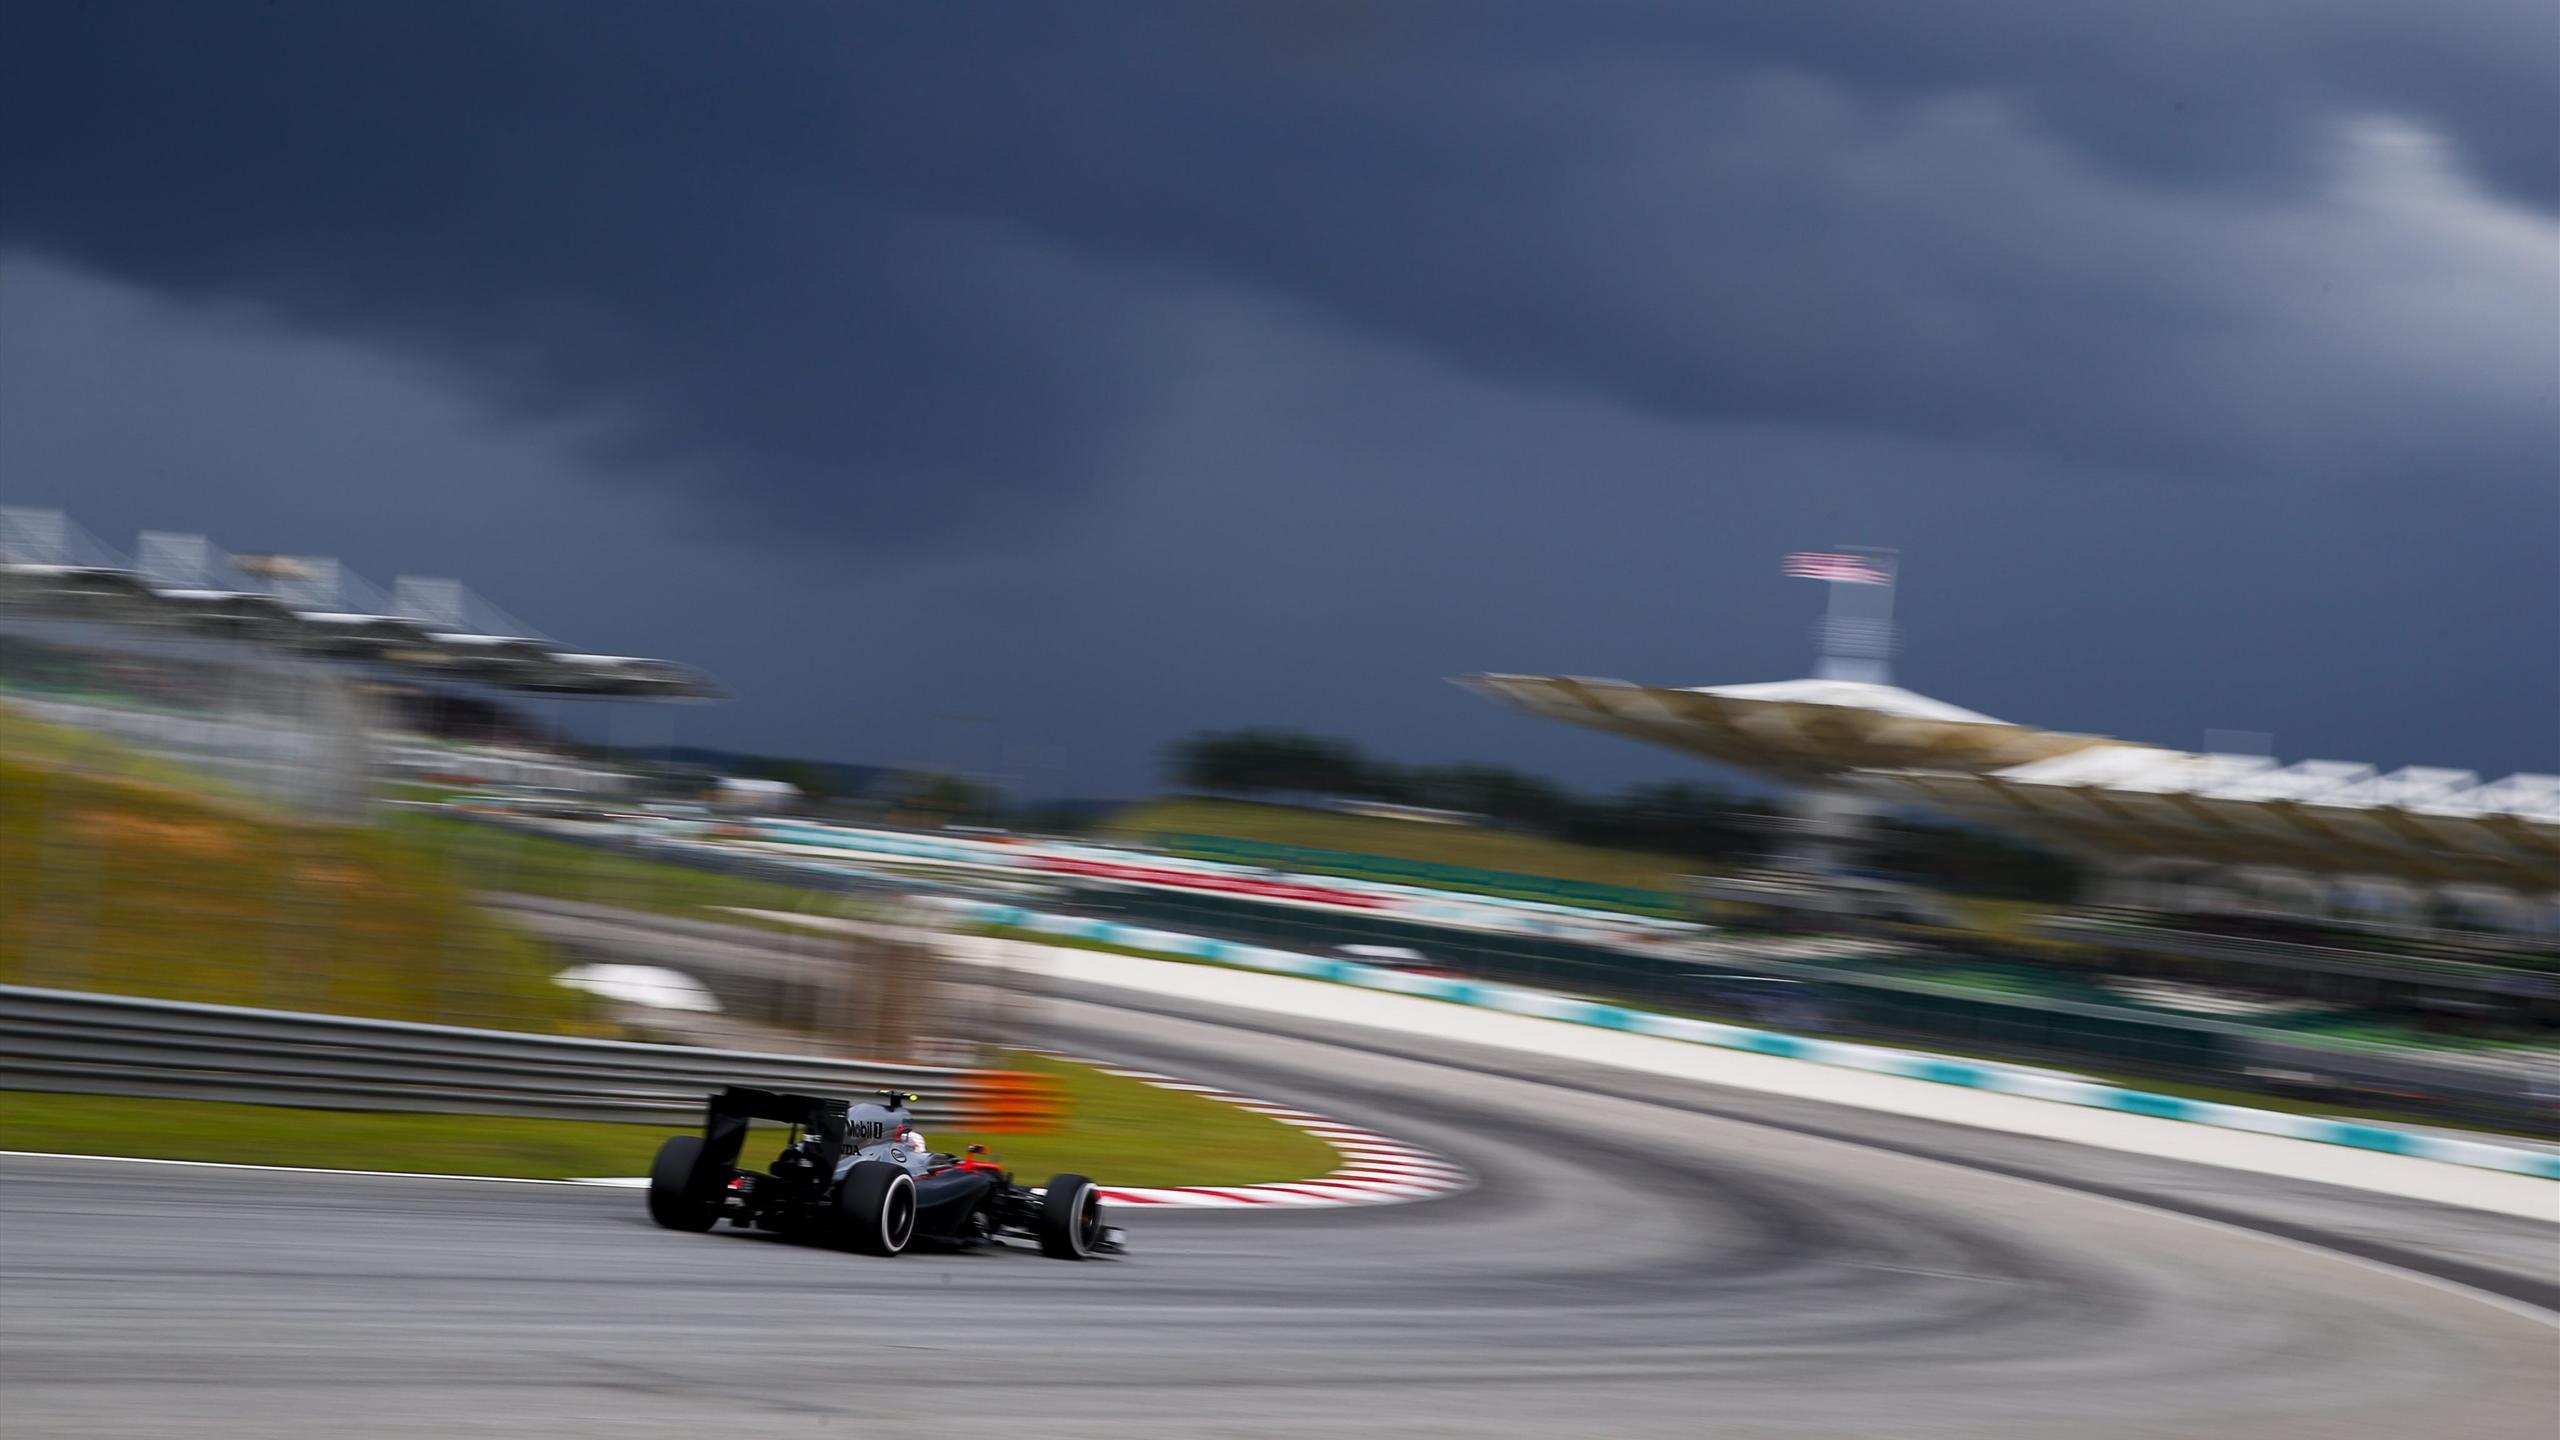 Circuito Fernando Alonso : Adiós a sepang el circuito fetiche de fernando alonso en la fórmula